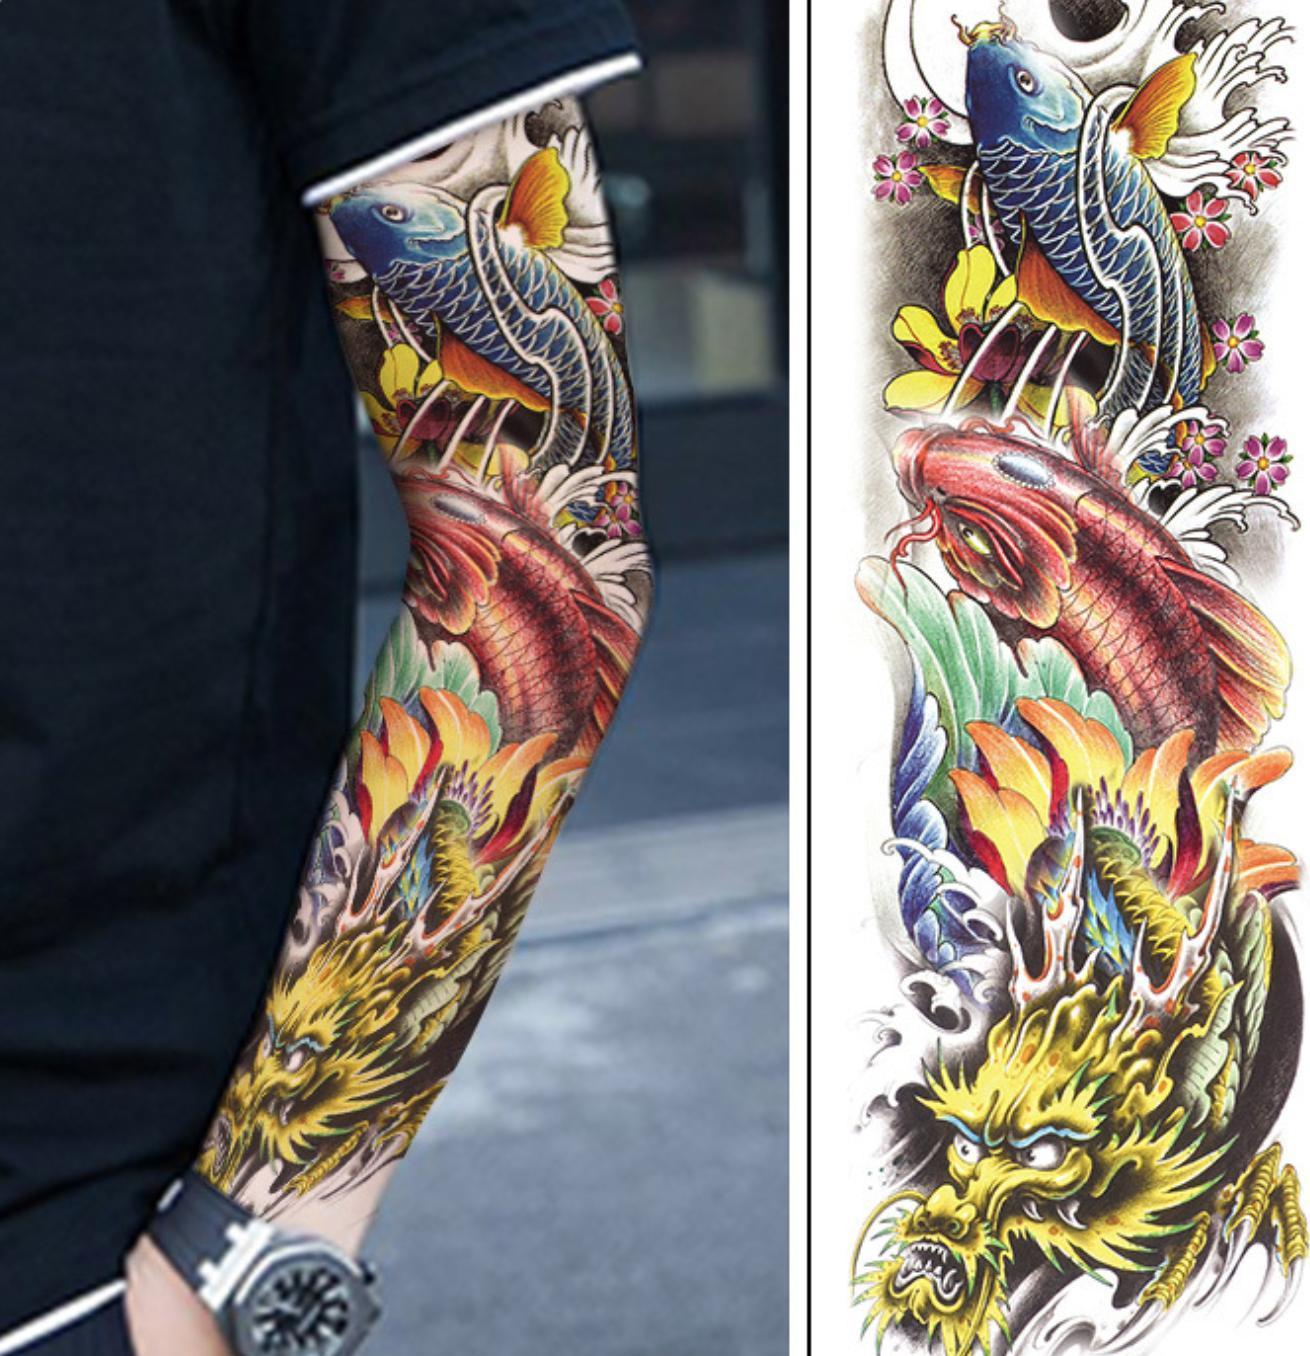 Hình ảnh Combo 2 tấm hình xăm dán tattoo kín tay cá chép 17x48cm tuyệt đẹp (Chọn mẫu tùy thích. Mua 1 tặng 1)